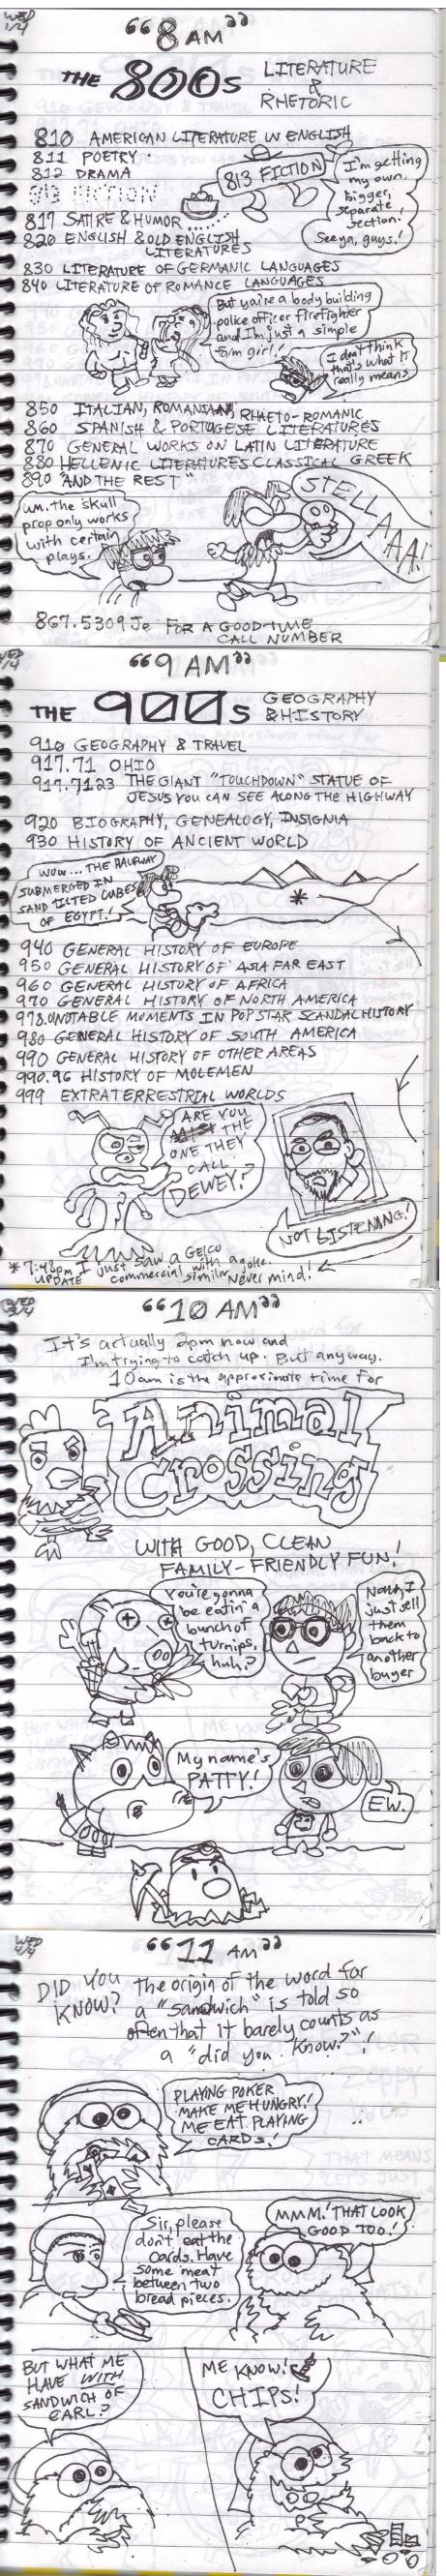 24 Comics Day-Week (2013) 8am-11am